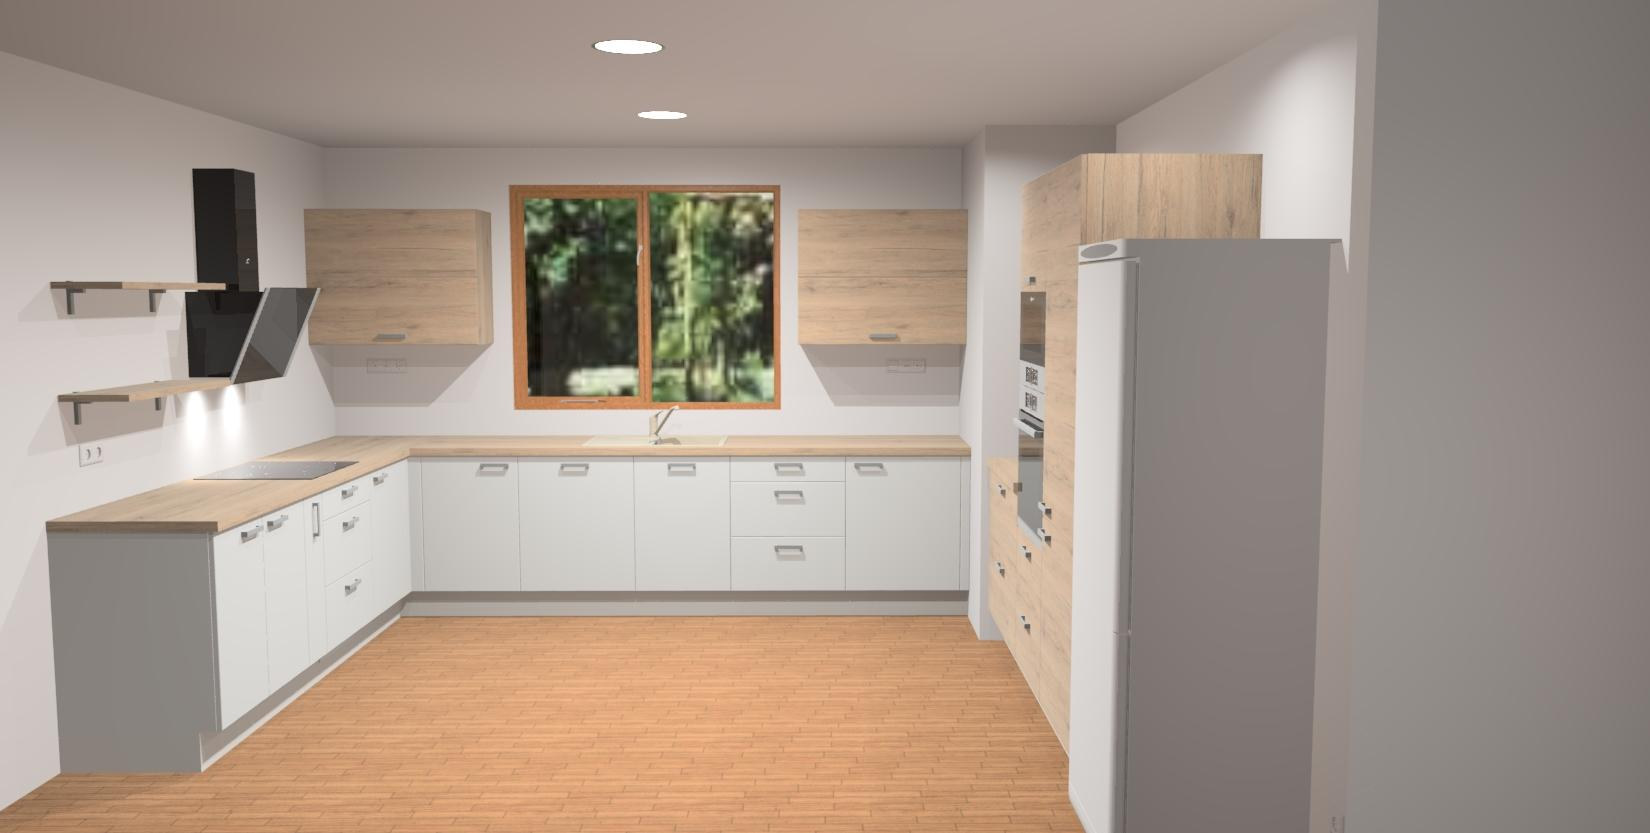 """Stěhování na venkov - plány - Kuchyň plánujeme do tvaru """"U"""" ... rozměry 2,65 x 3,5 x 2,65m se samostojící lednicí"""